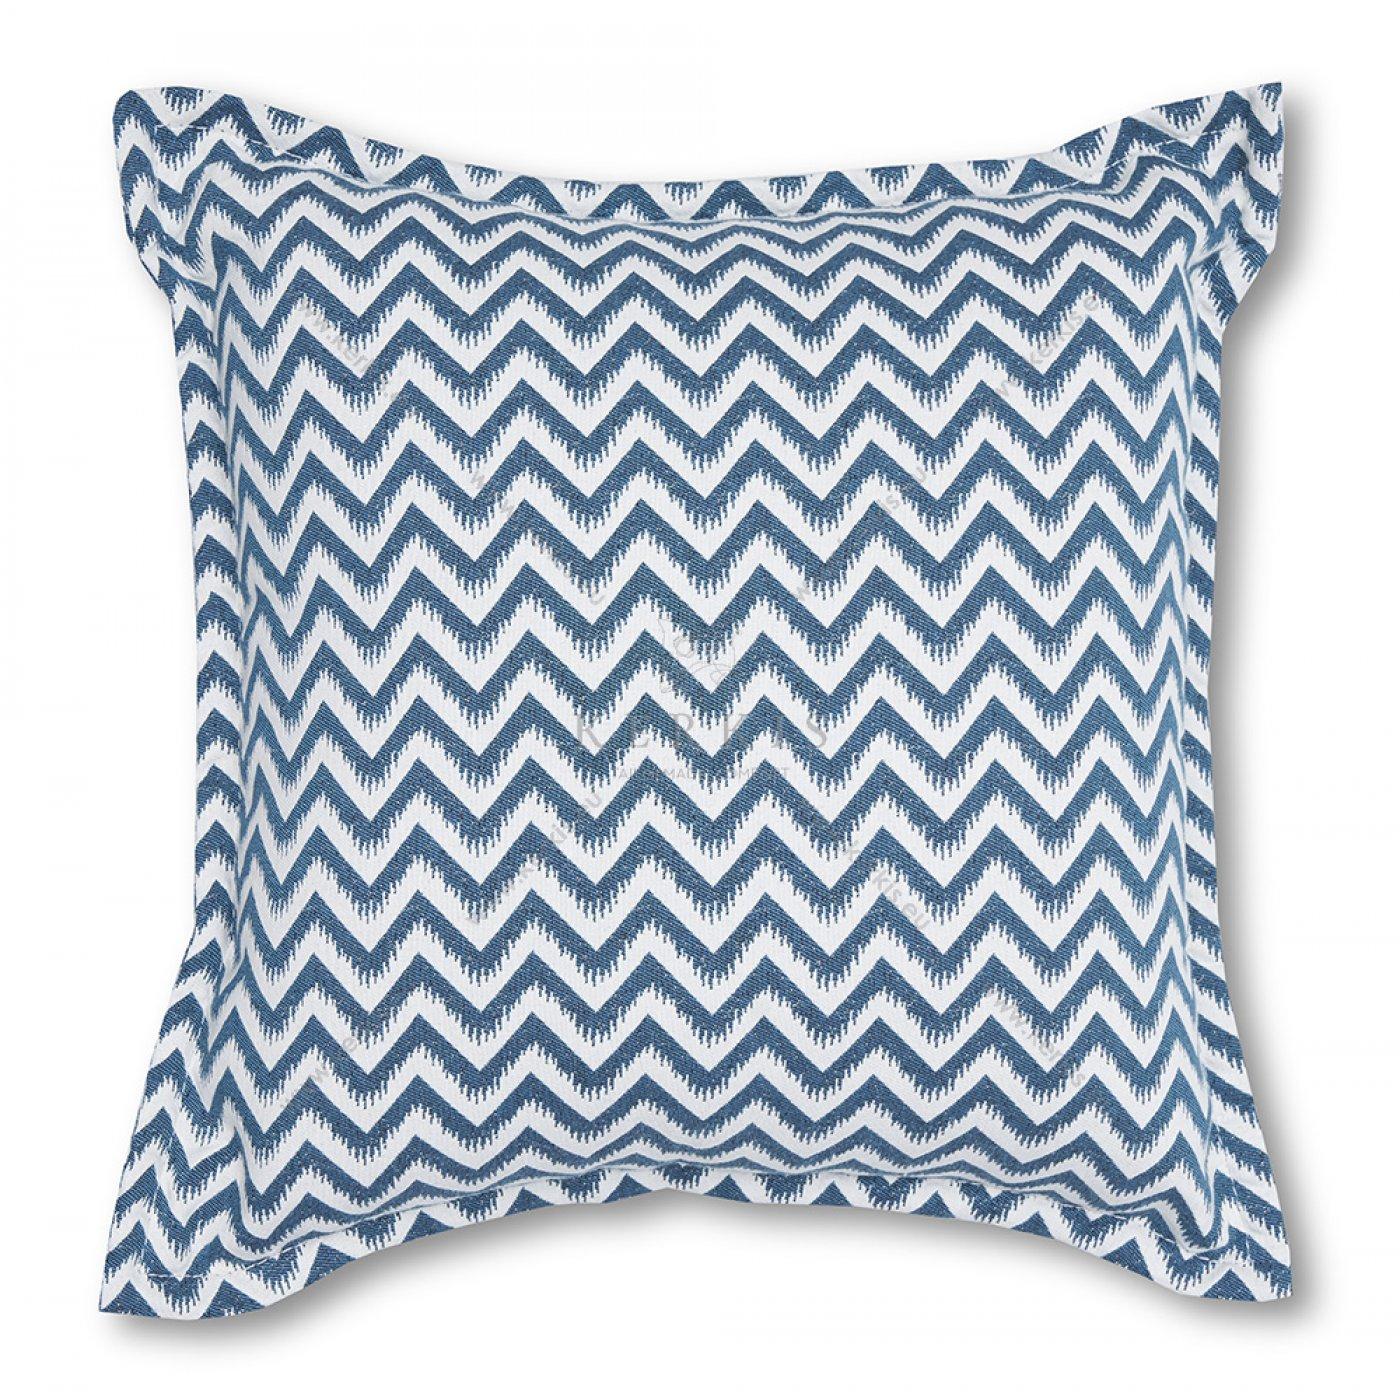 Διακοσμητικό μαξιλάρι καναπέ, χρώμα μπλε, ζικ-ζακ